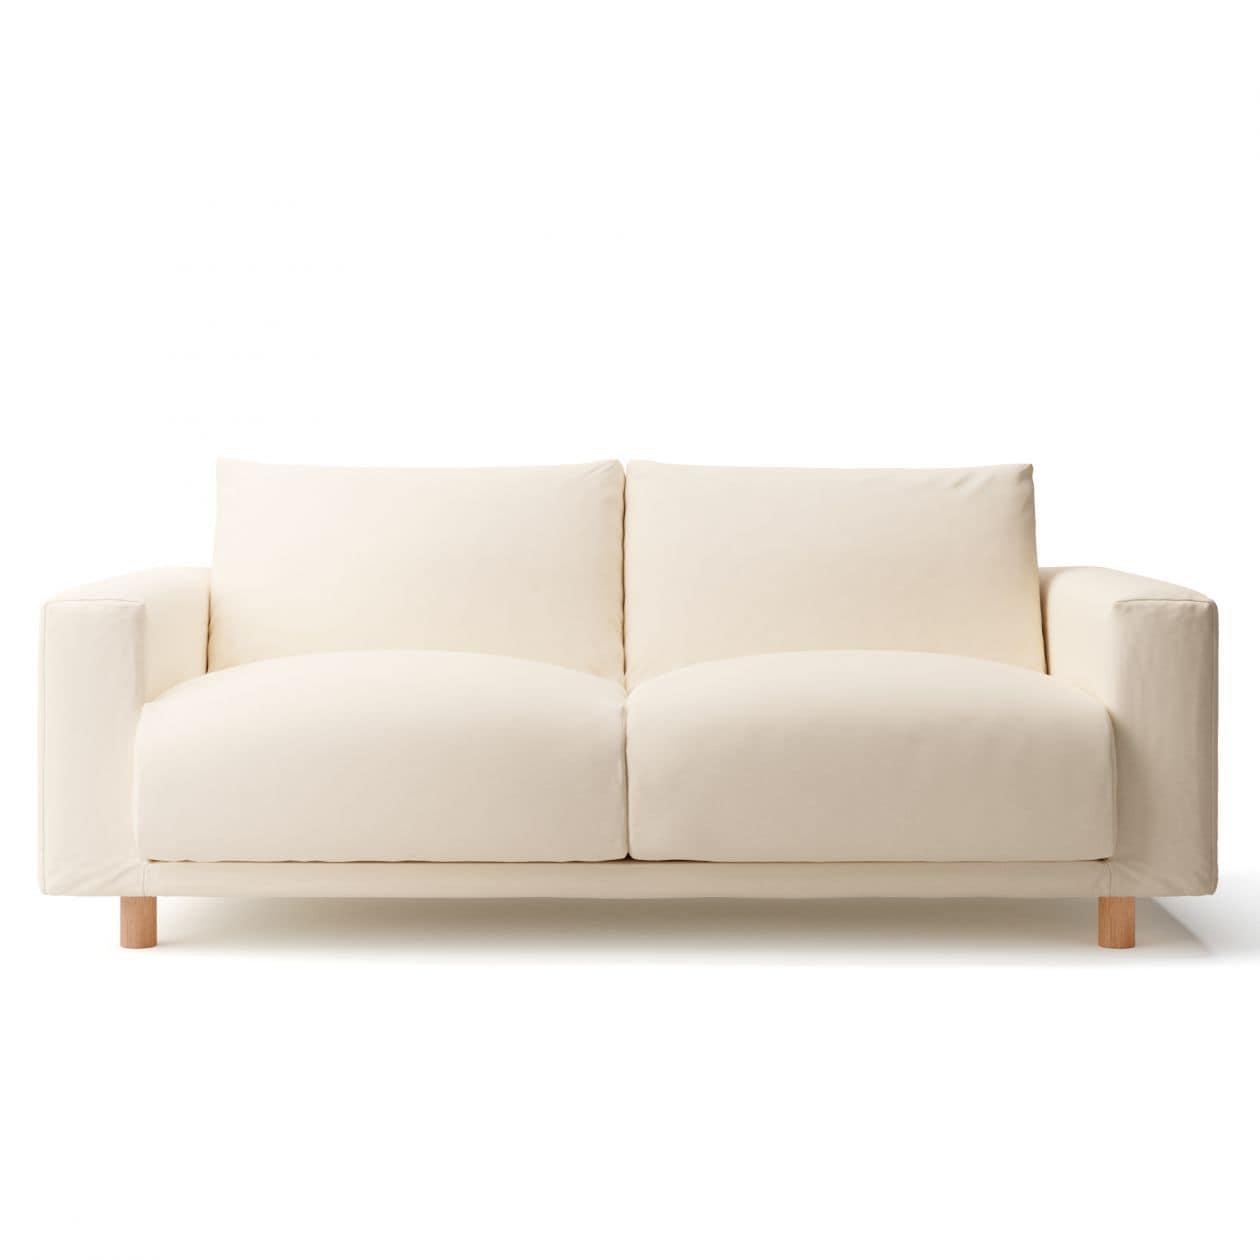 ベッド 無印 良品 ソファー